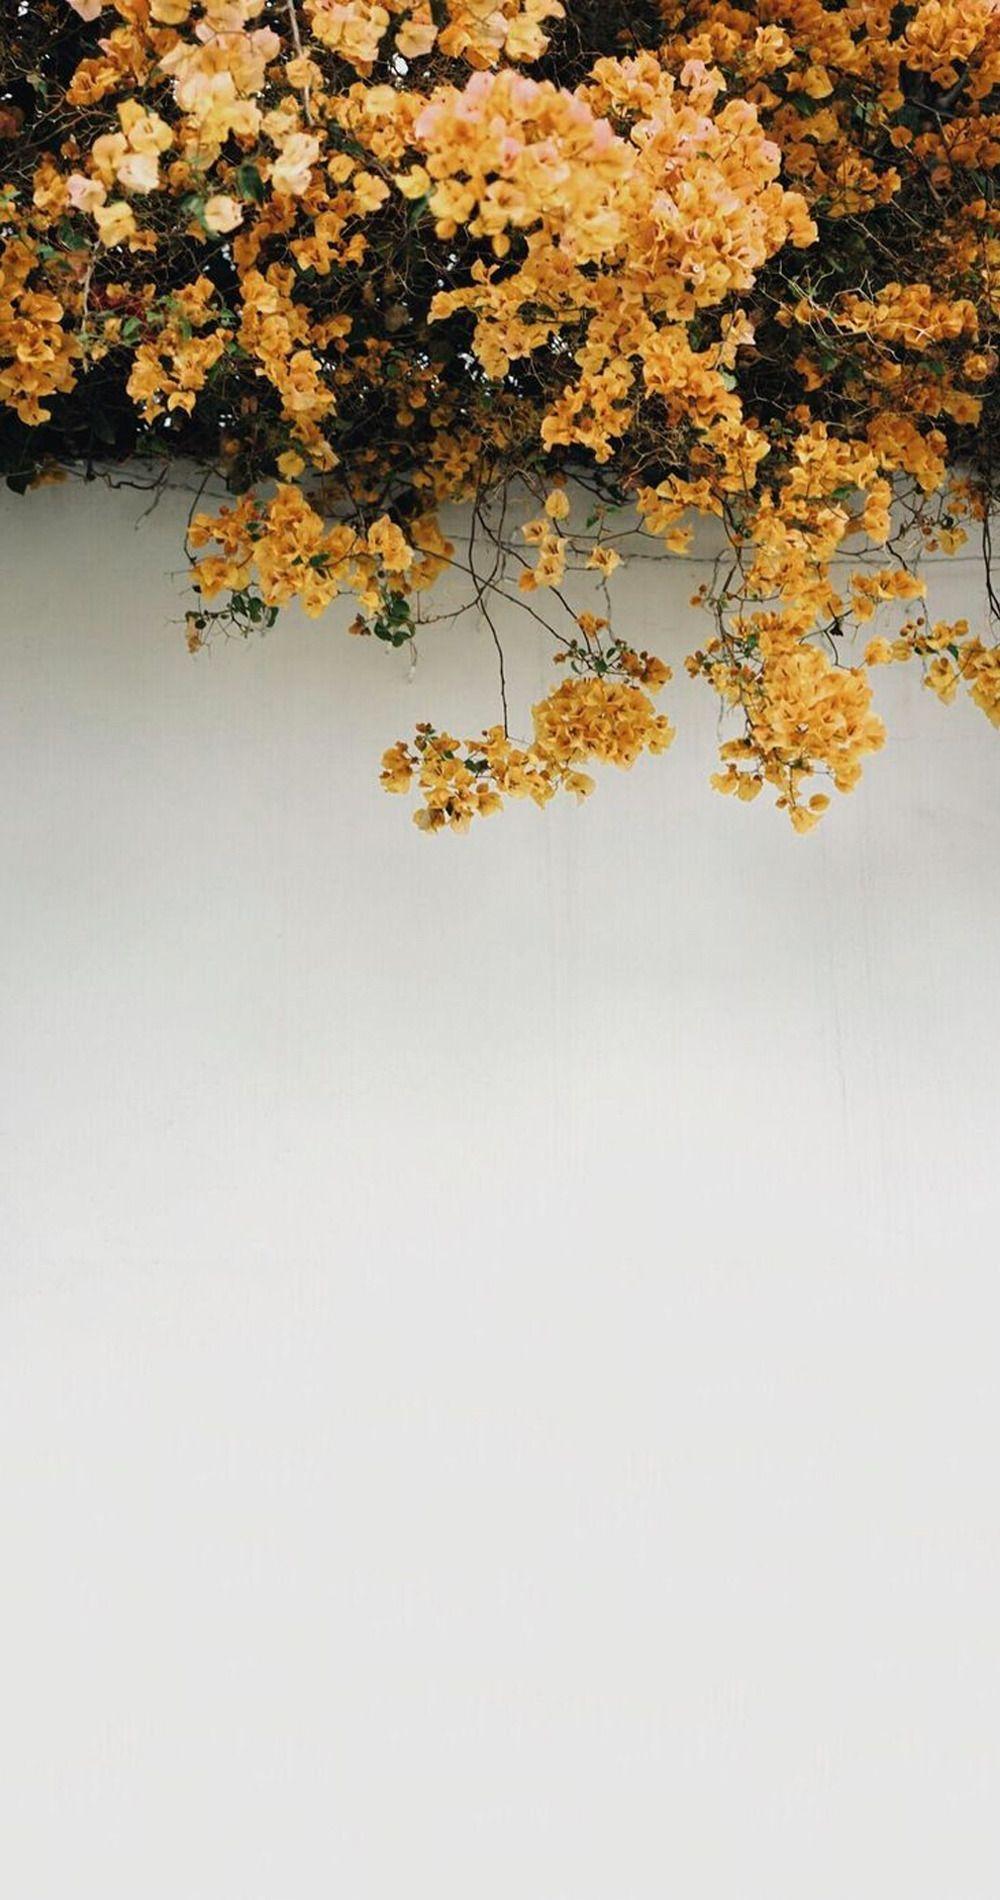 Fleurs Jaunes In 2020 Iphone Wallpaper Yellow Flower Phone Wallpaper Locked Wallpaper